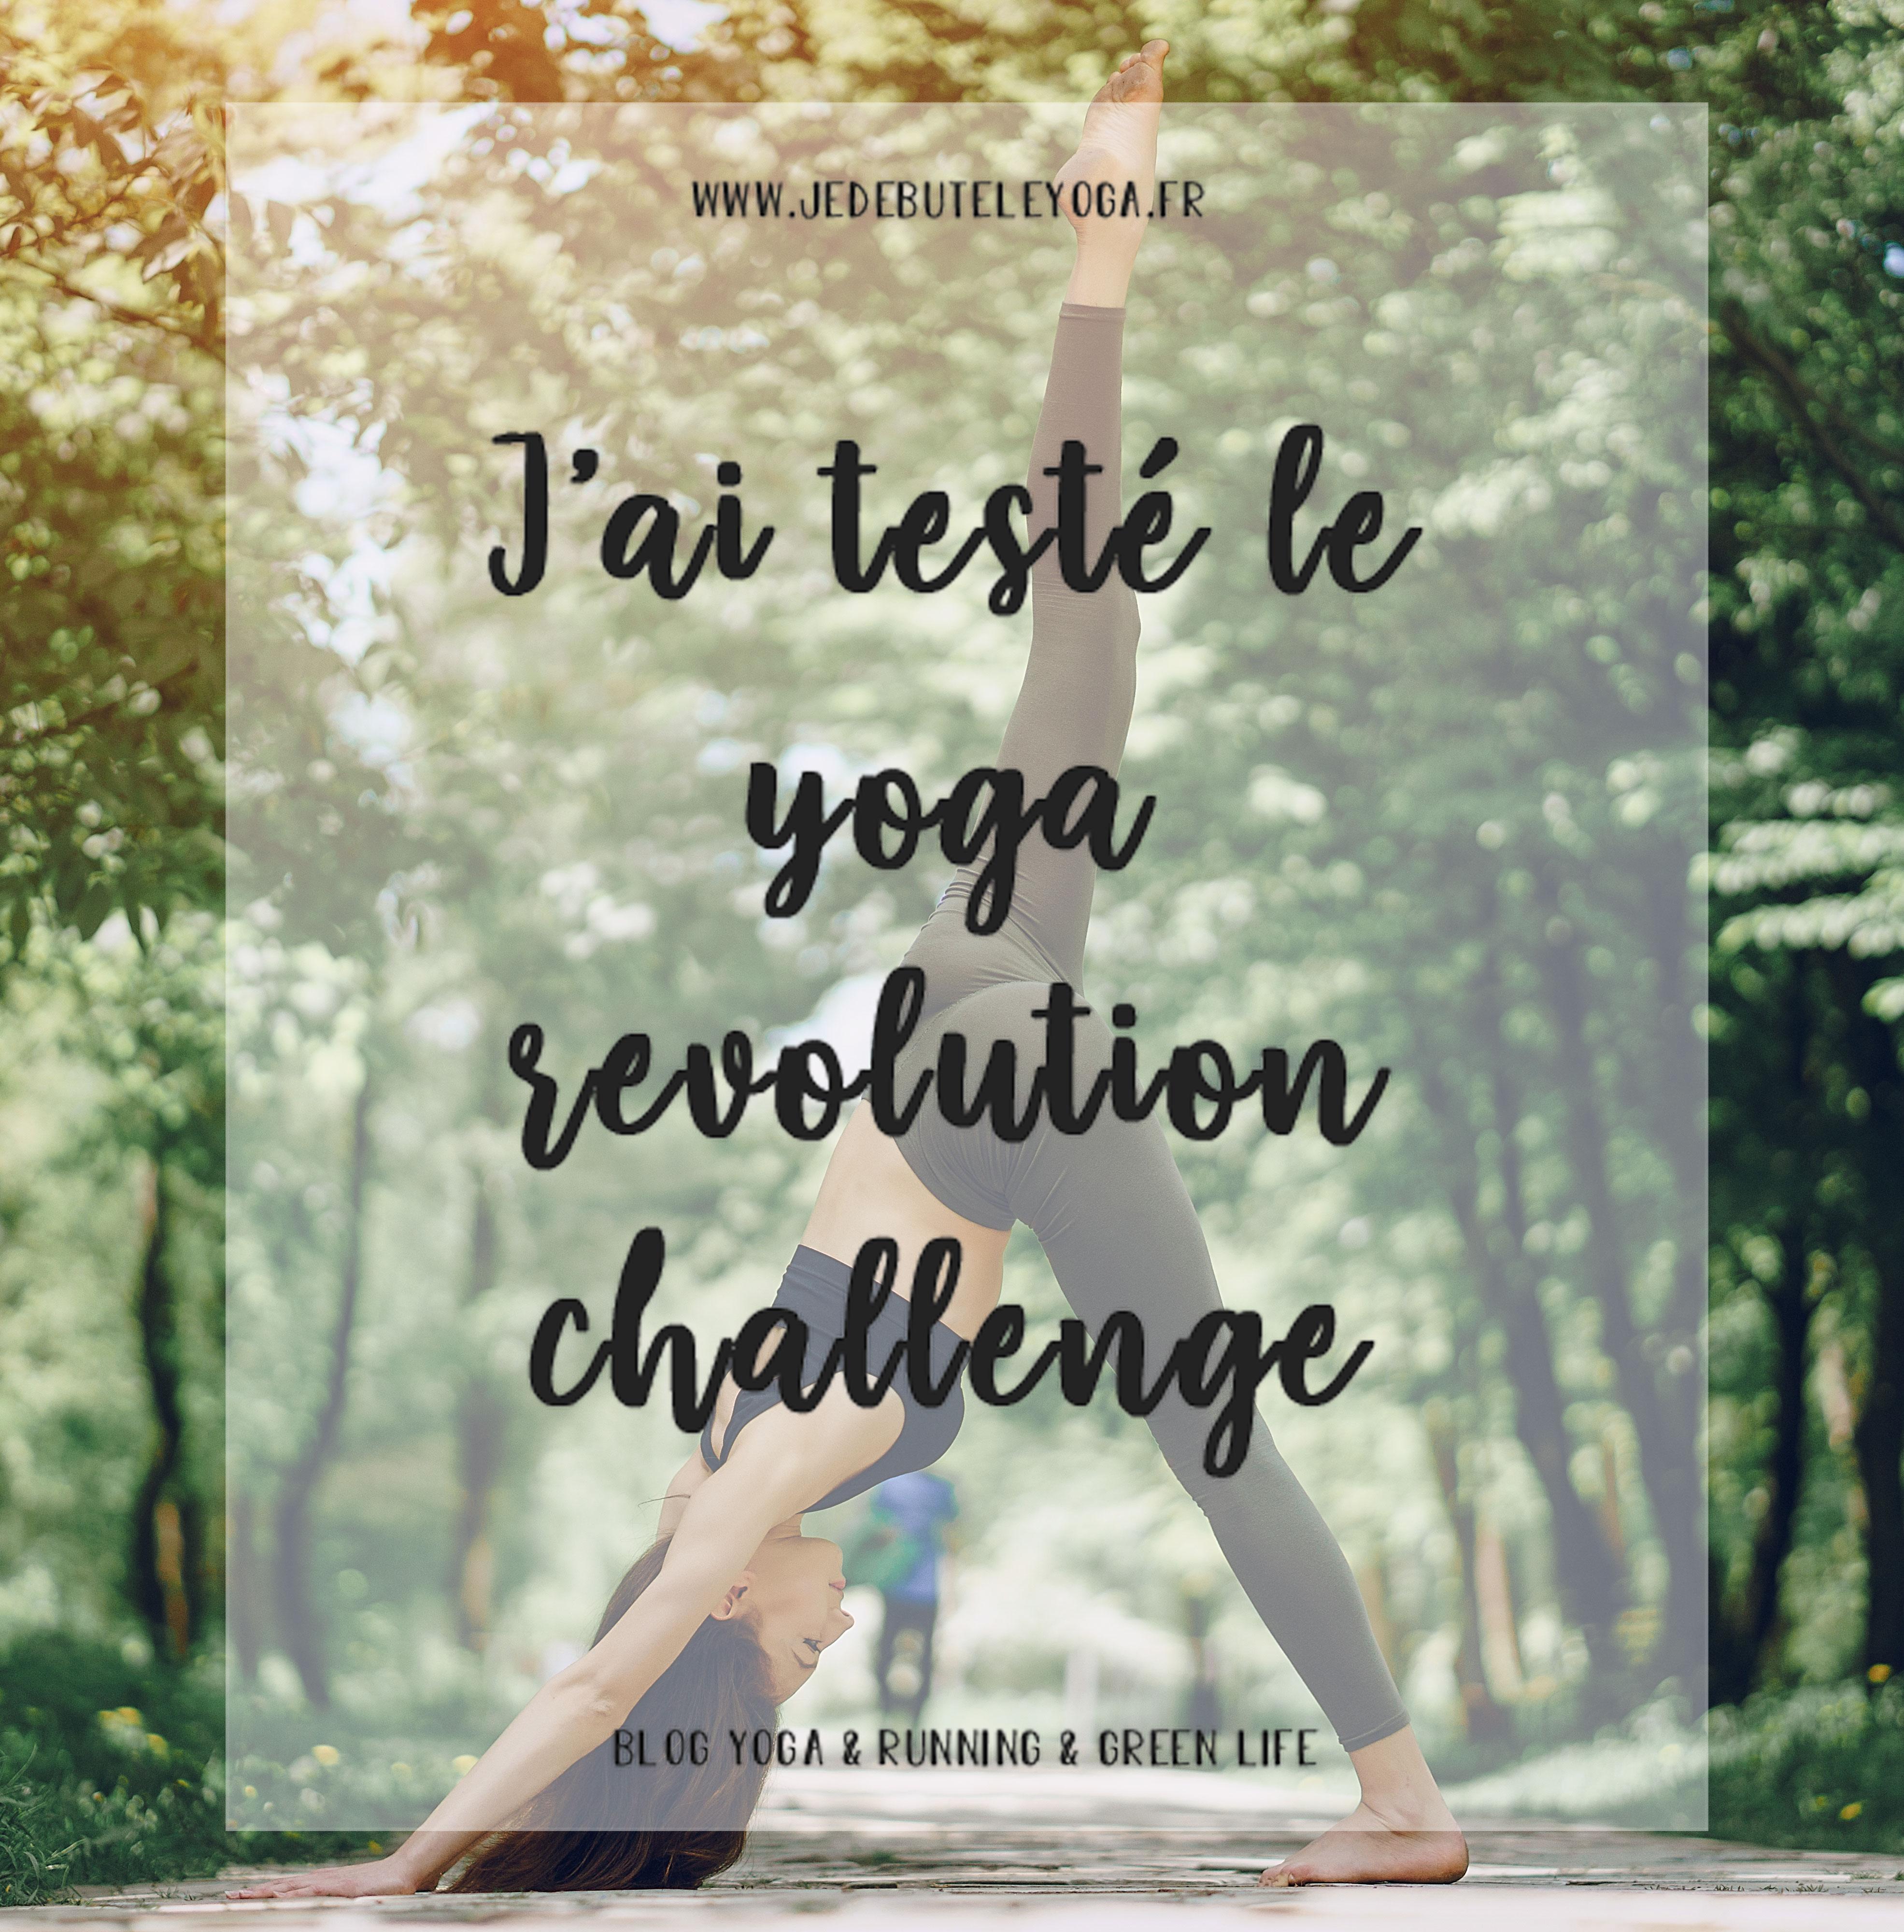 j'ai testé le yoga revolution challenge d'Adriene